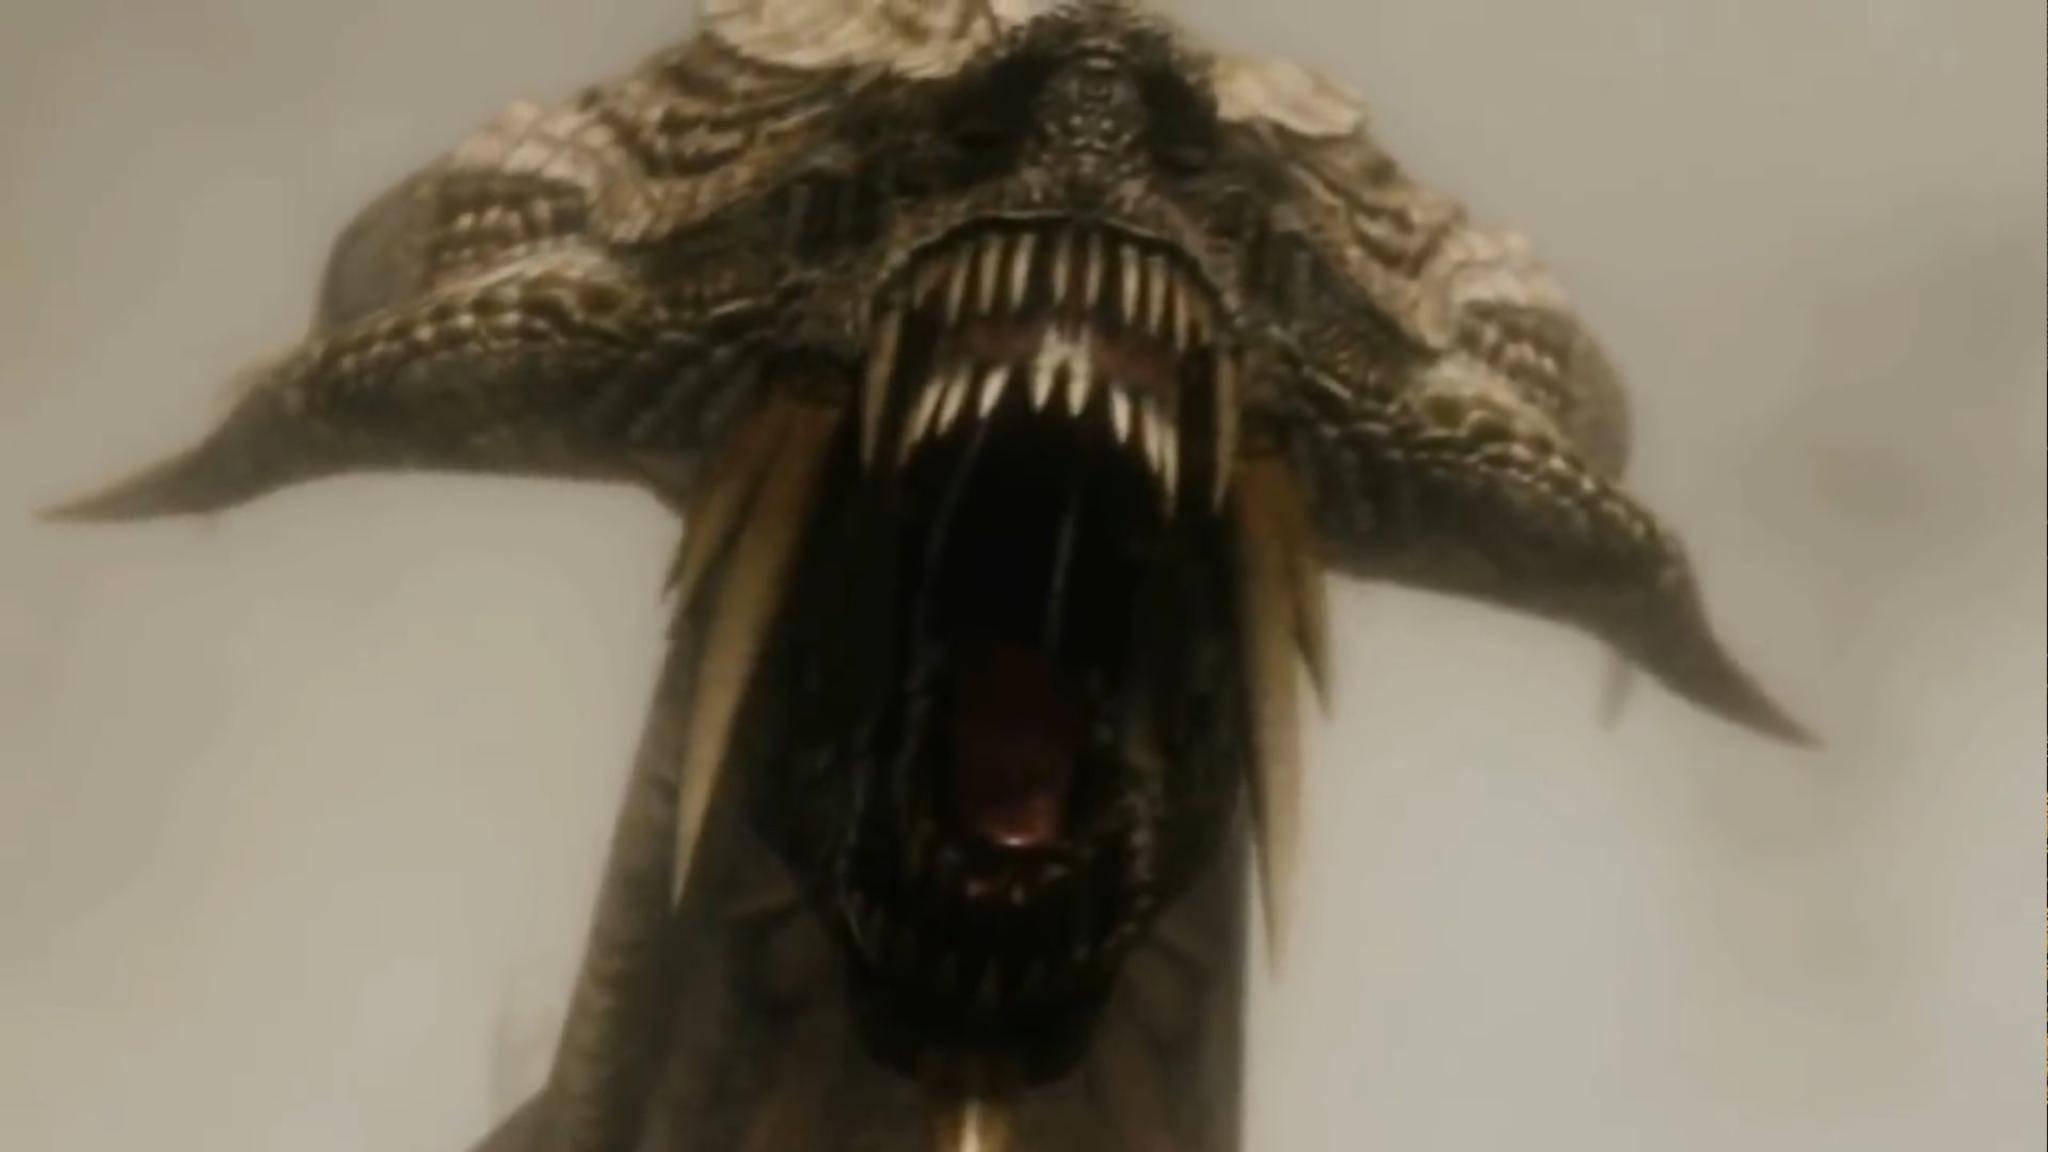 """Mit diesem Bild fing alles an: """"Demon's Souls"""" begründete eine der wichtigsten Videospielreihen der Gegenwart."""